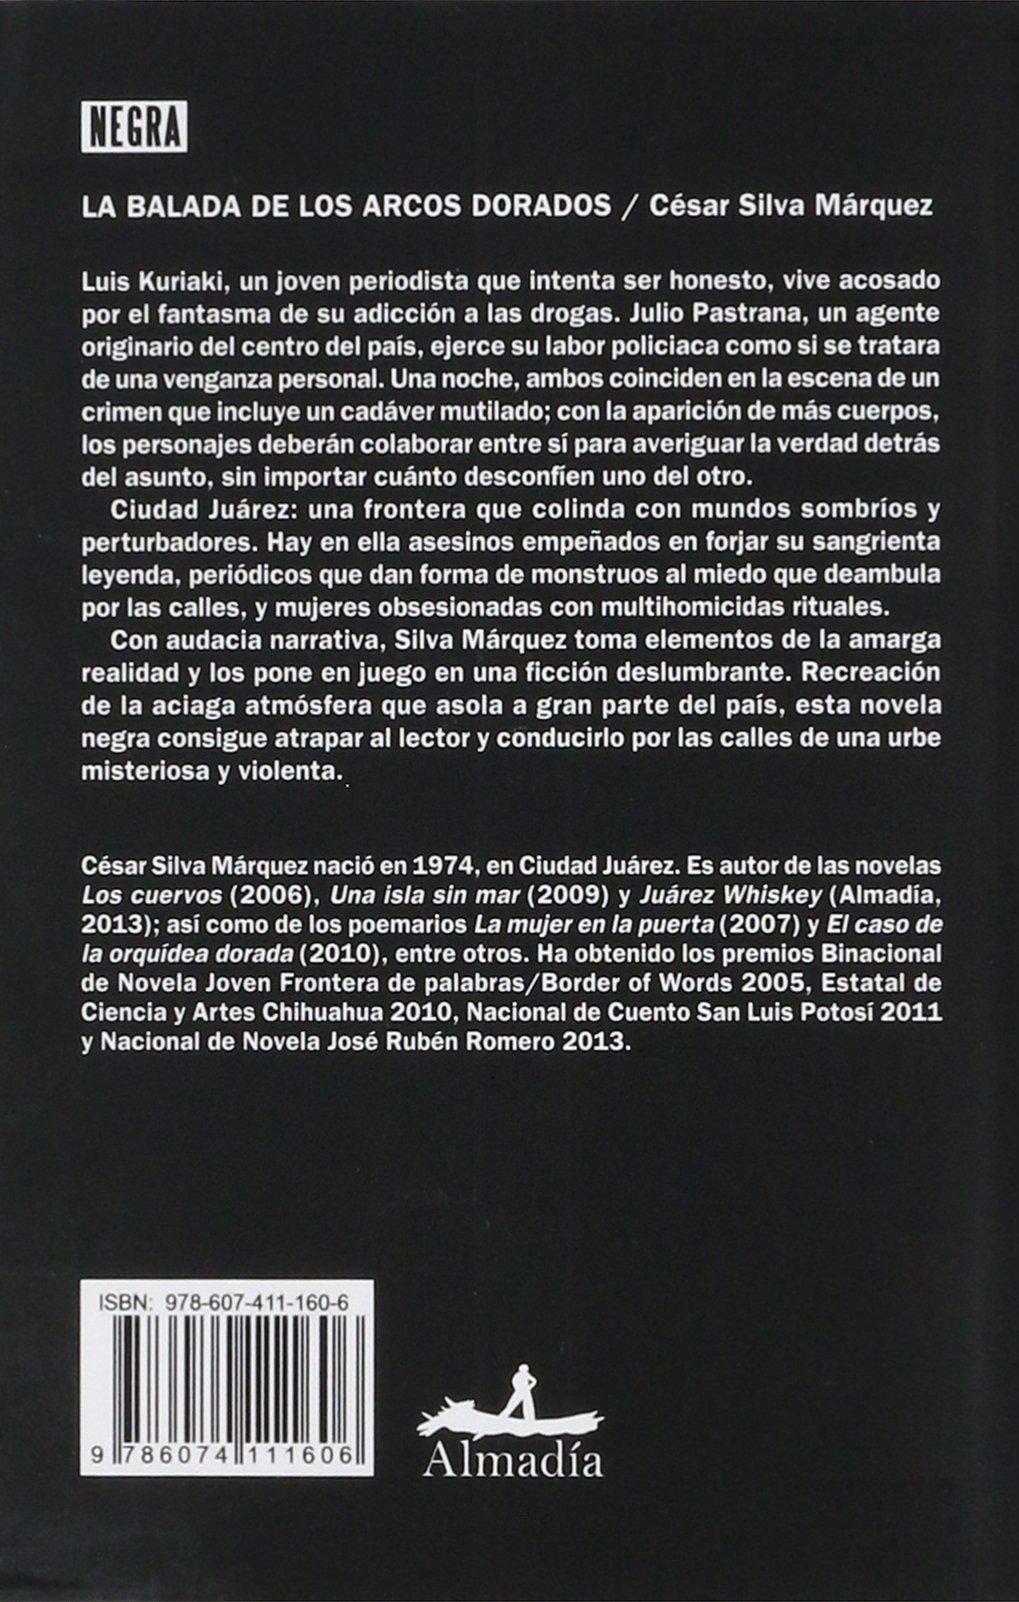 La Balada De Los Arcos Dorados Spanish Edition Cesar Silva 9786074111606 Books